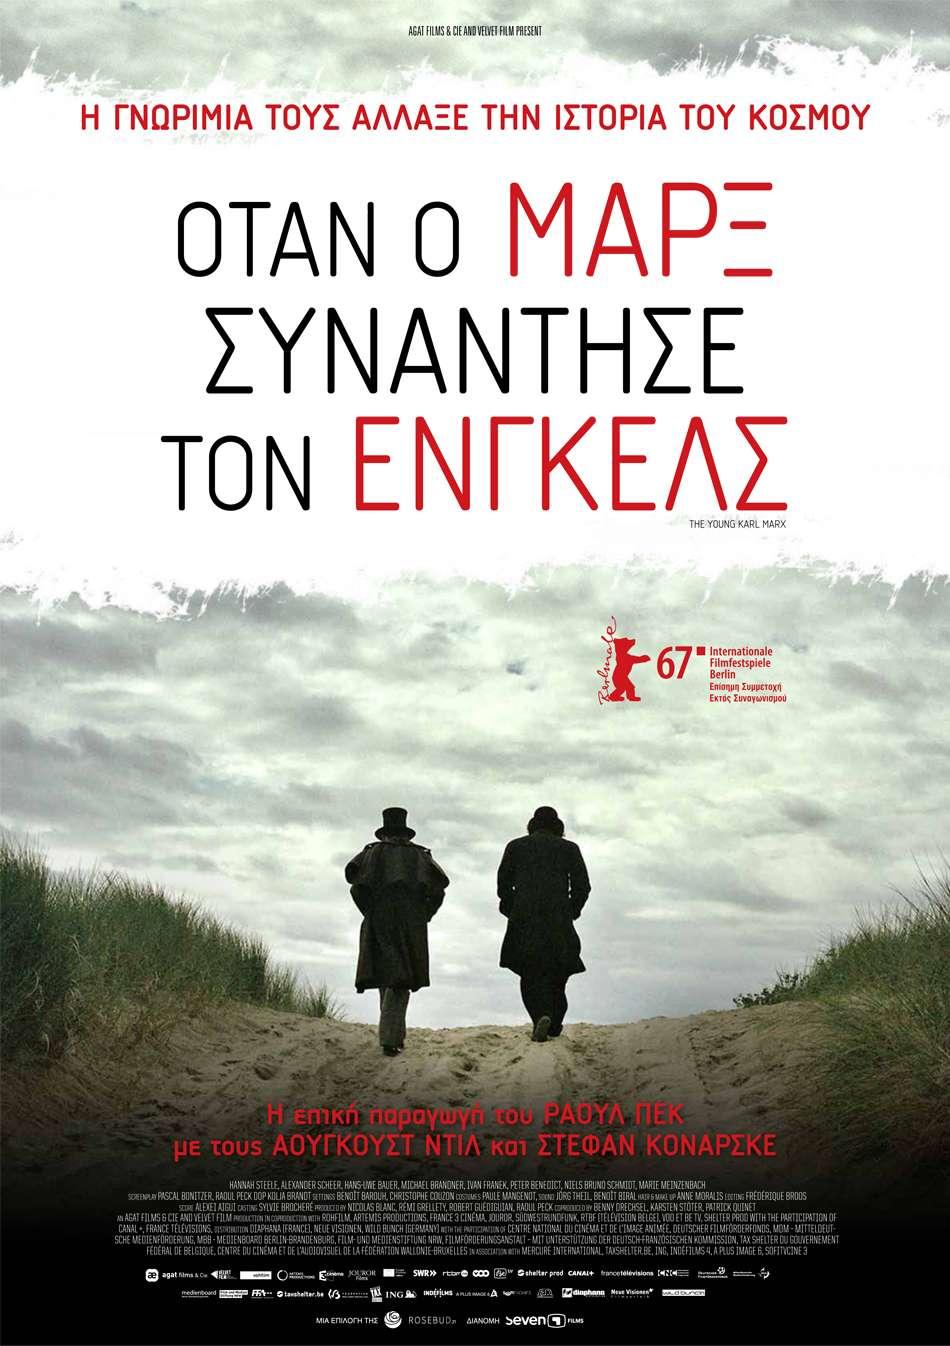 Όταν ο Μαρξ συνάντησε τον Ένγκελς (Der Junge Karl Marx) Poster Πόστερ